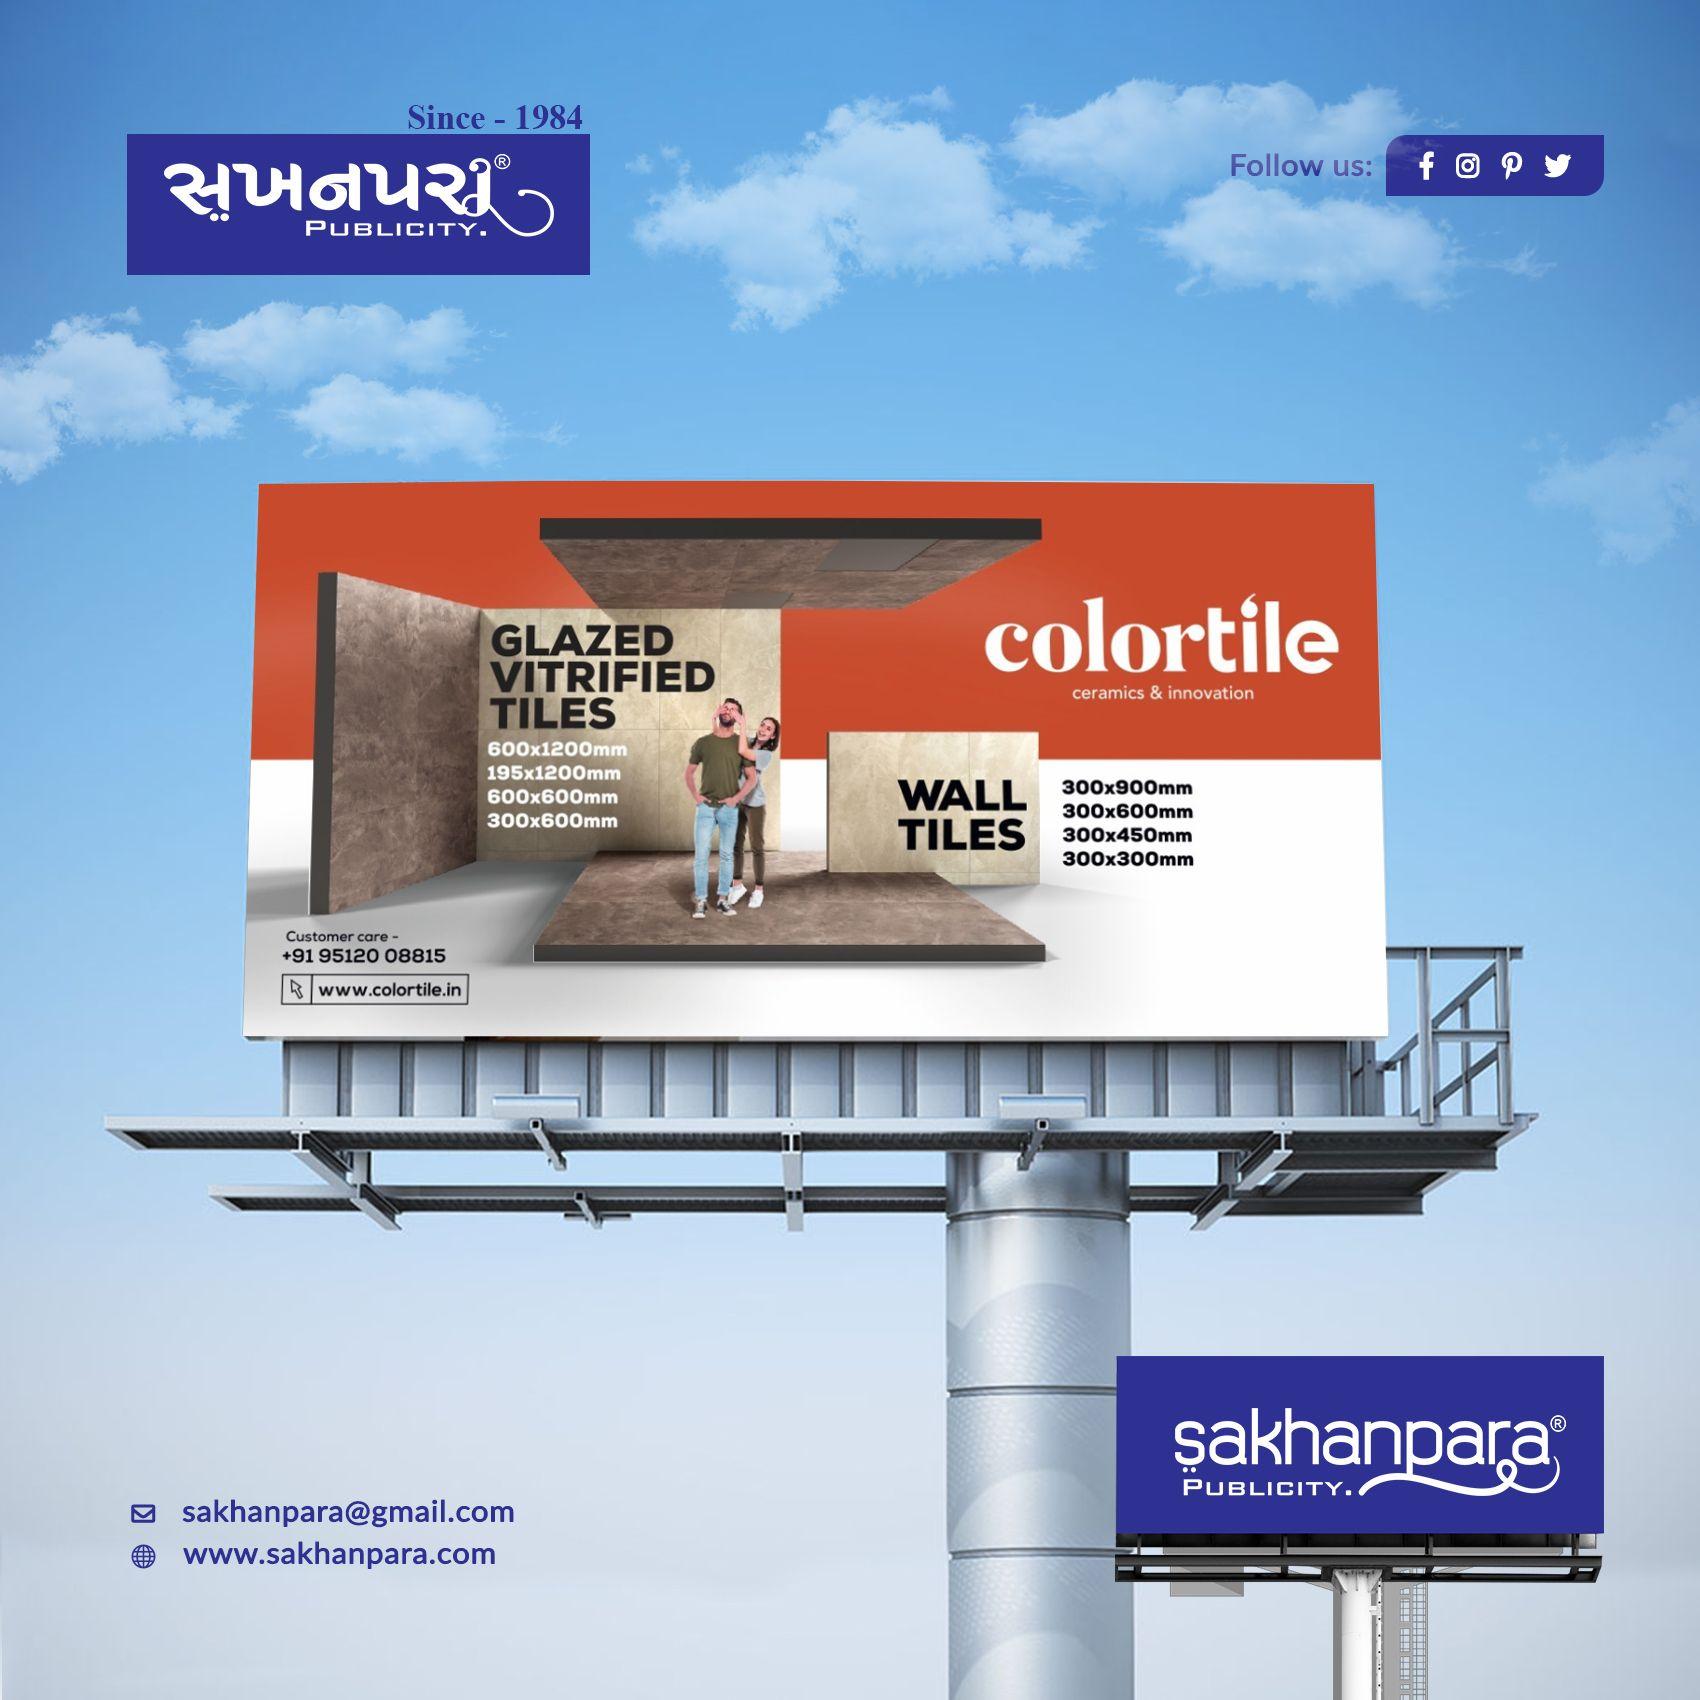 Colortile At Sakhanpara Publicity Sakhanpara Sakhanparapublicity Advertising Advertisingcampaign Hordings Ceramic Brading Brand In 2020 Tiles Innovation Wall